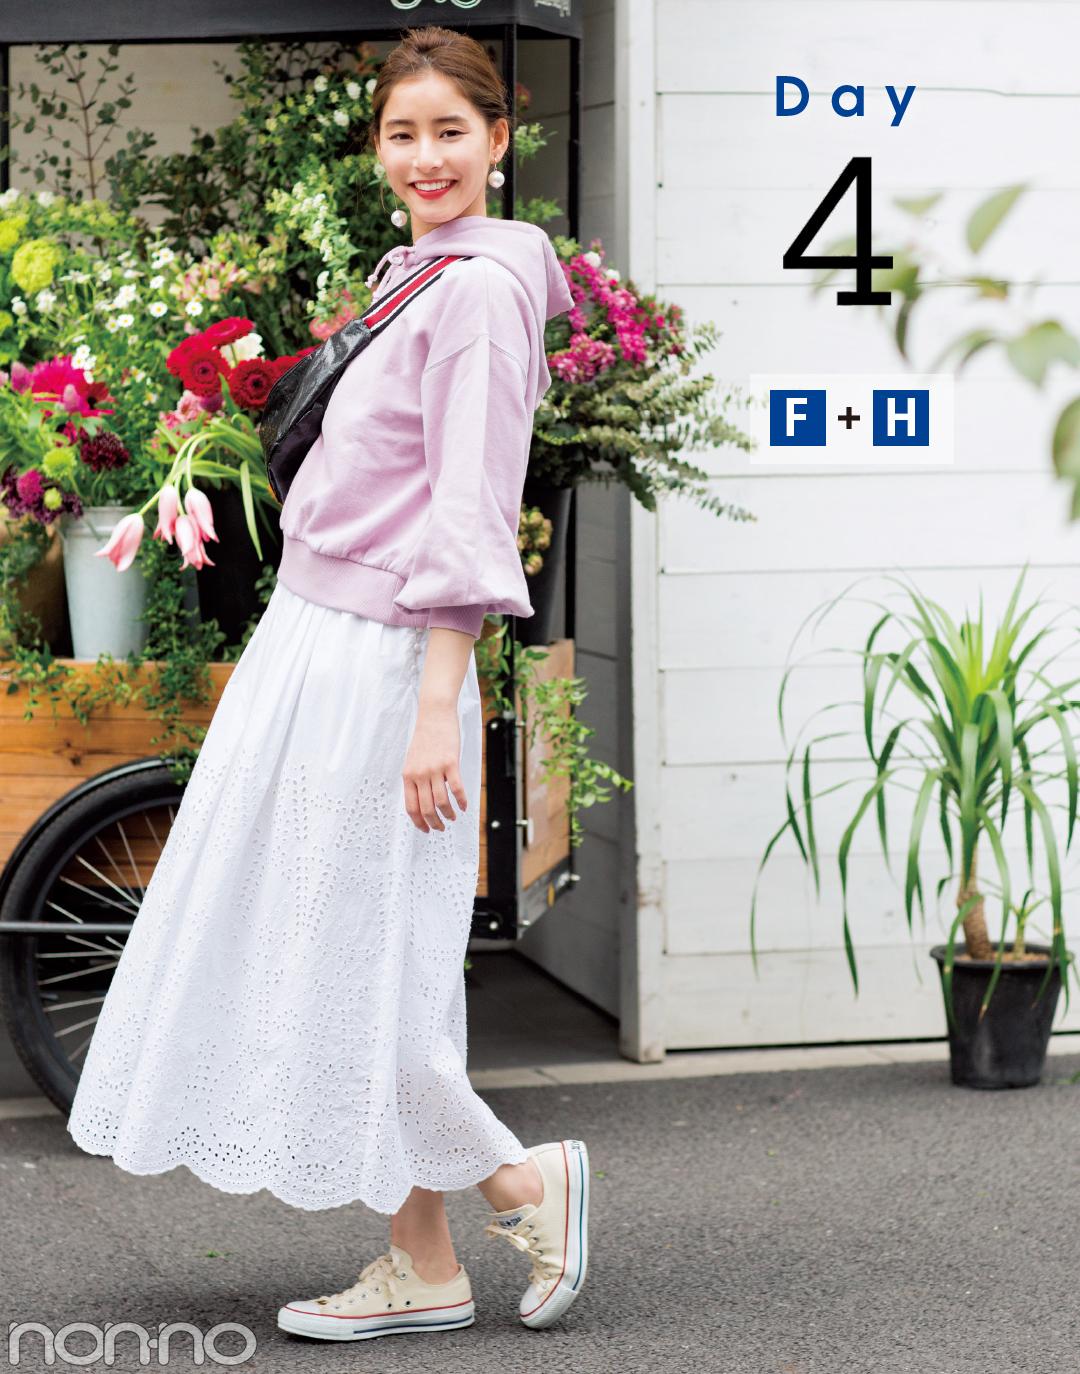 【夏のスニーカーコーデ】新木優子はピンクのパーカにレースを合わせて程よくカジュアル!